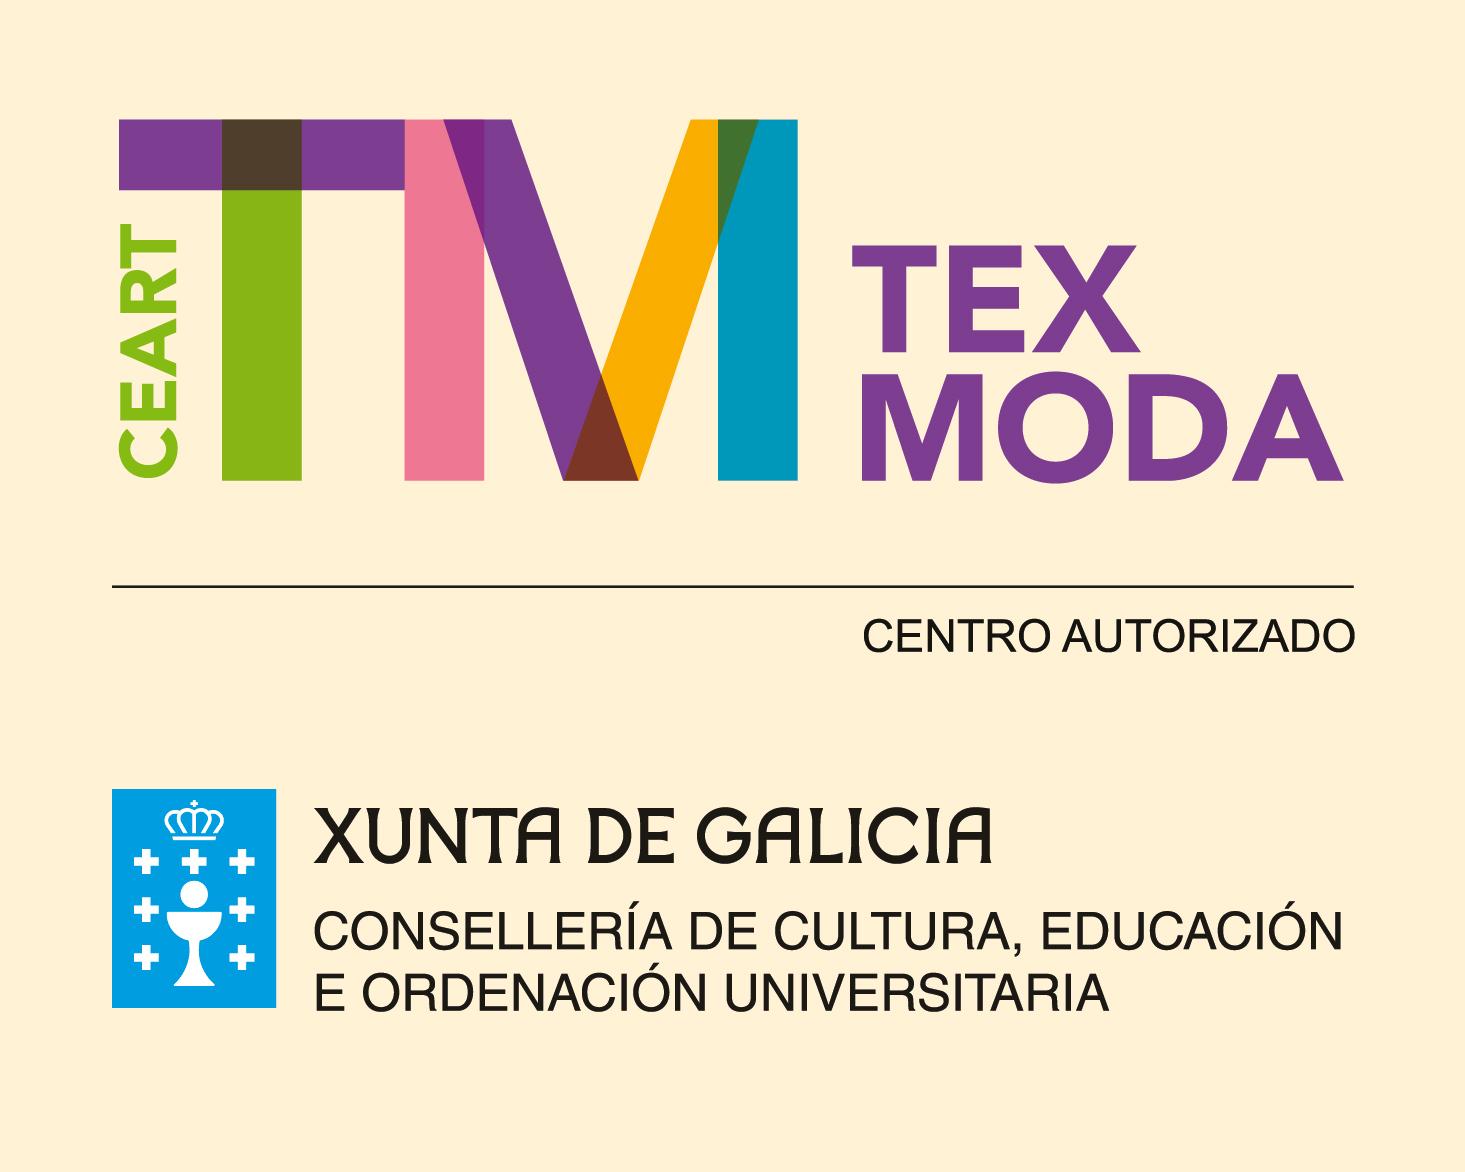 Texmoda, único Centro autorizado por Educación de la Xunta de Galicia